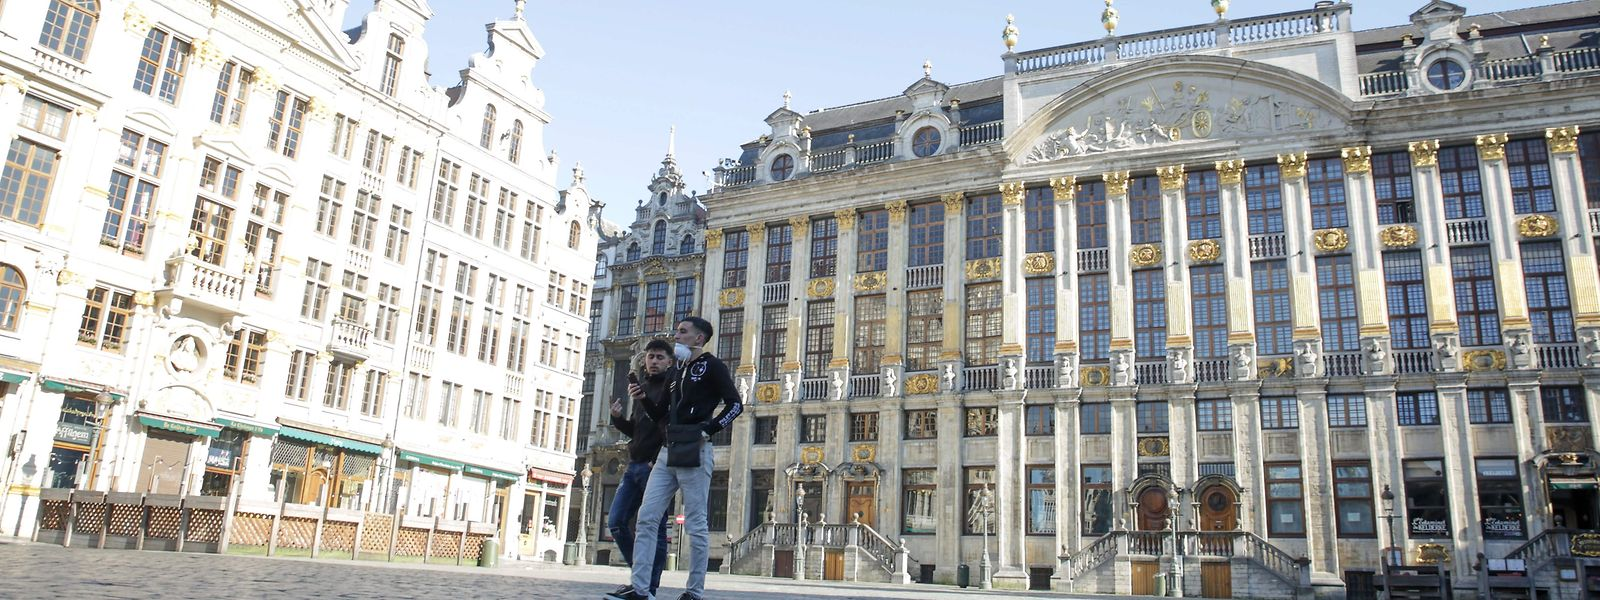 Les autorités belges s'apprêtent à renforcer les mesures de confinement.